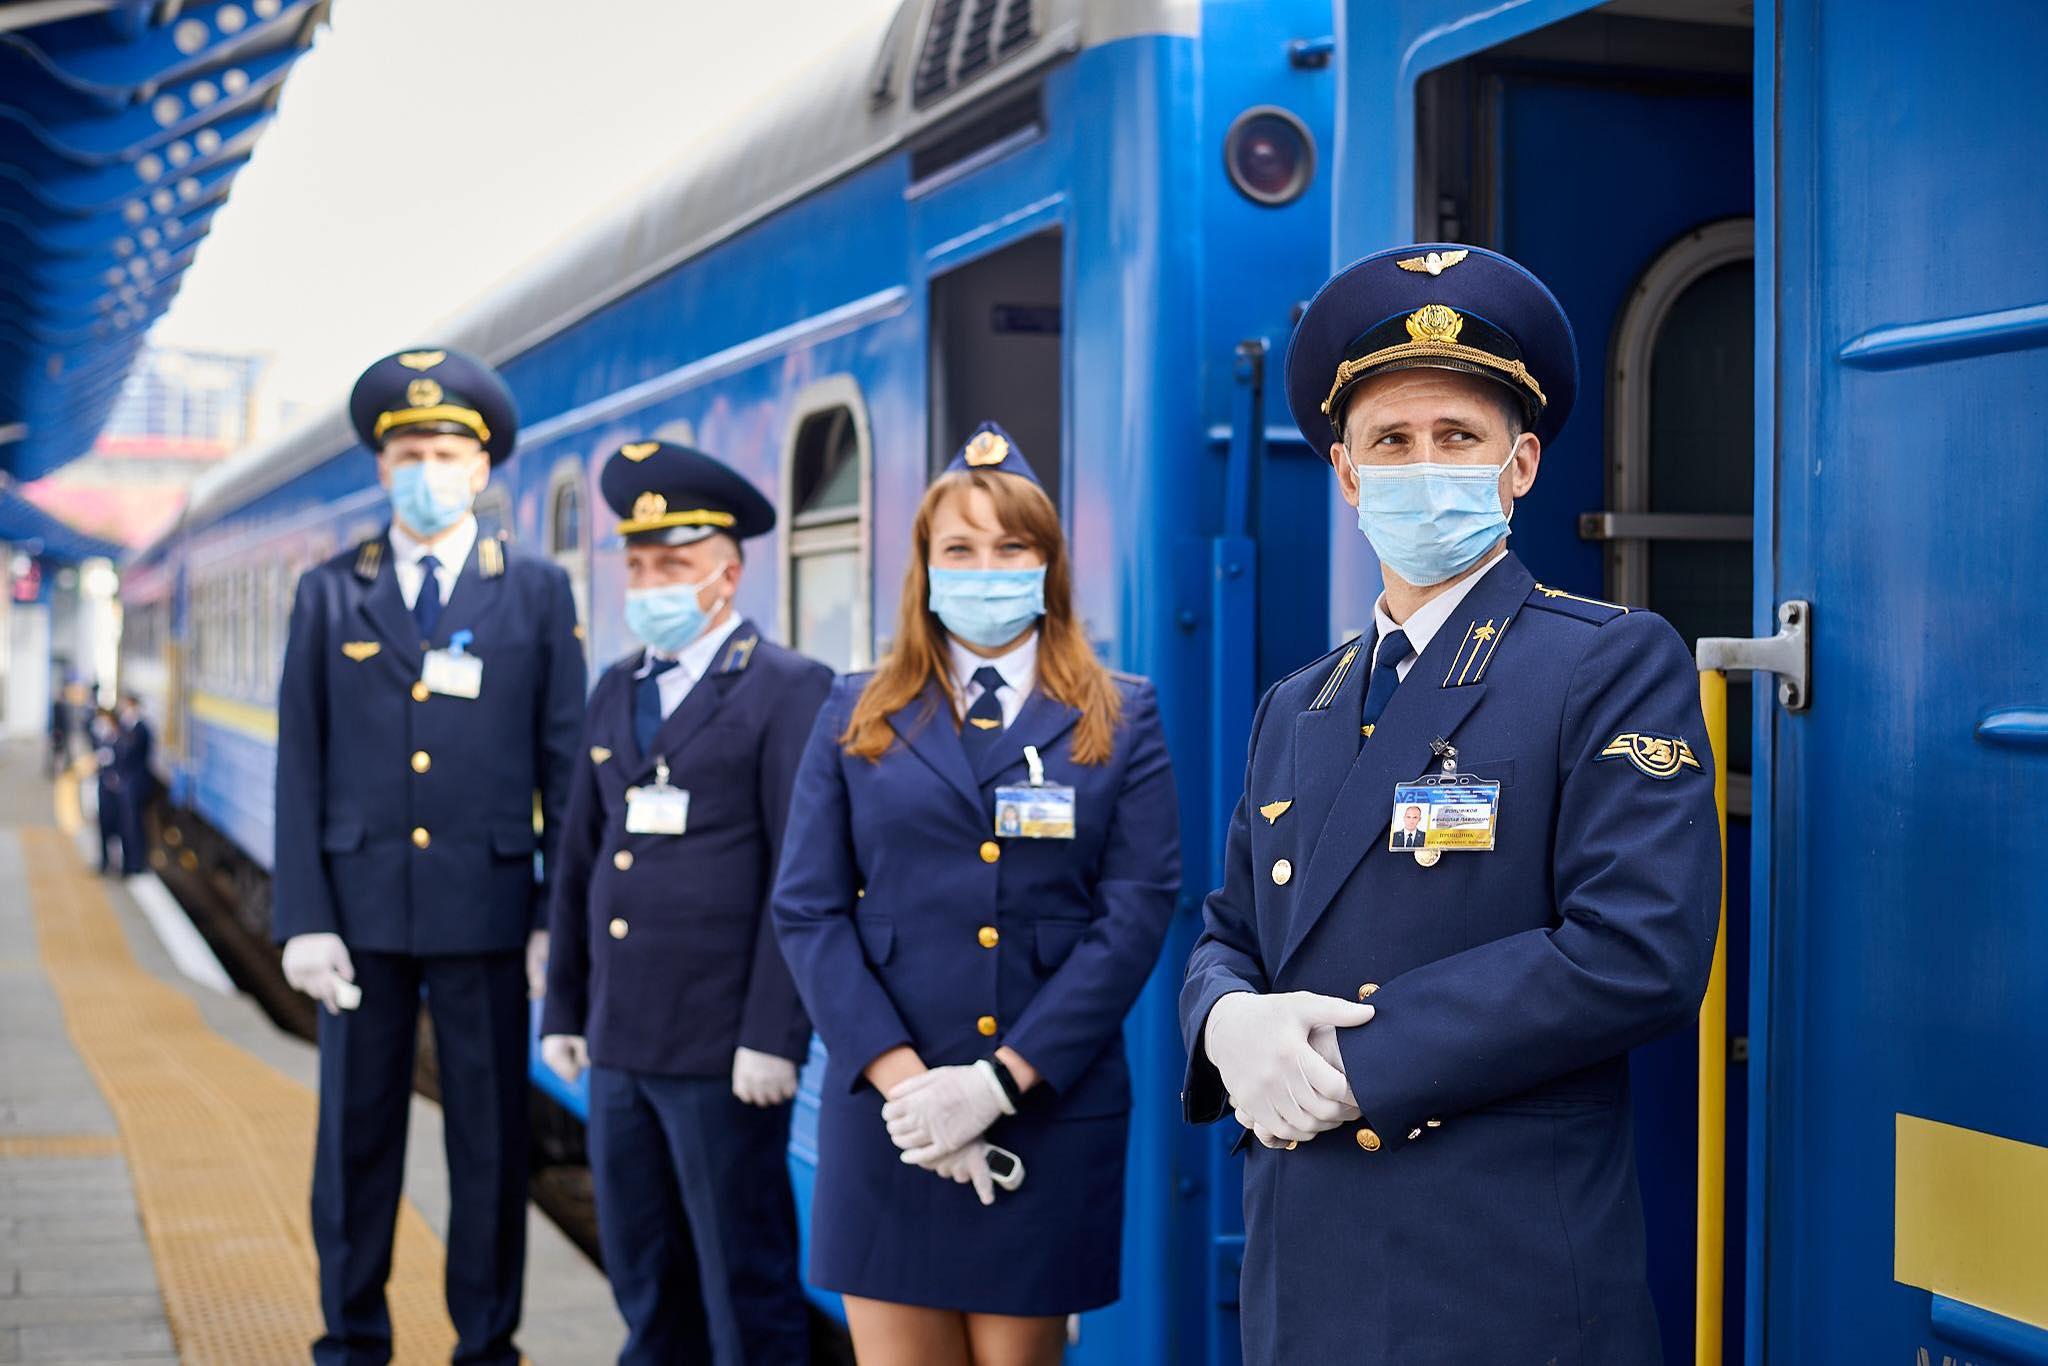 Відновлення залізничного руху в українських поїздах: без напоїв та кондитерських виробів, а окріп надаватиметься у власний посуд пасажира